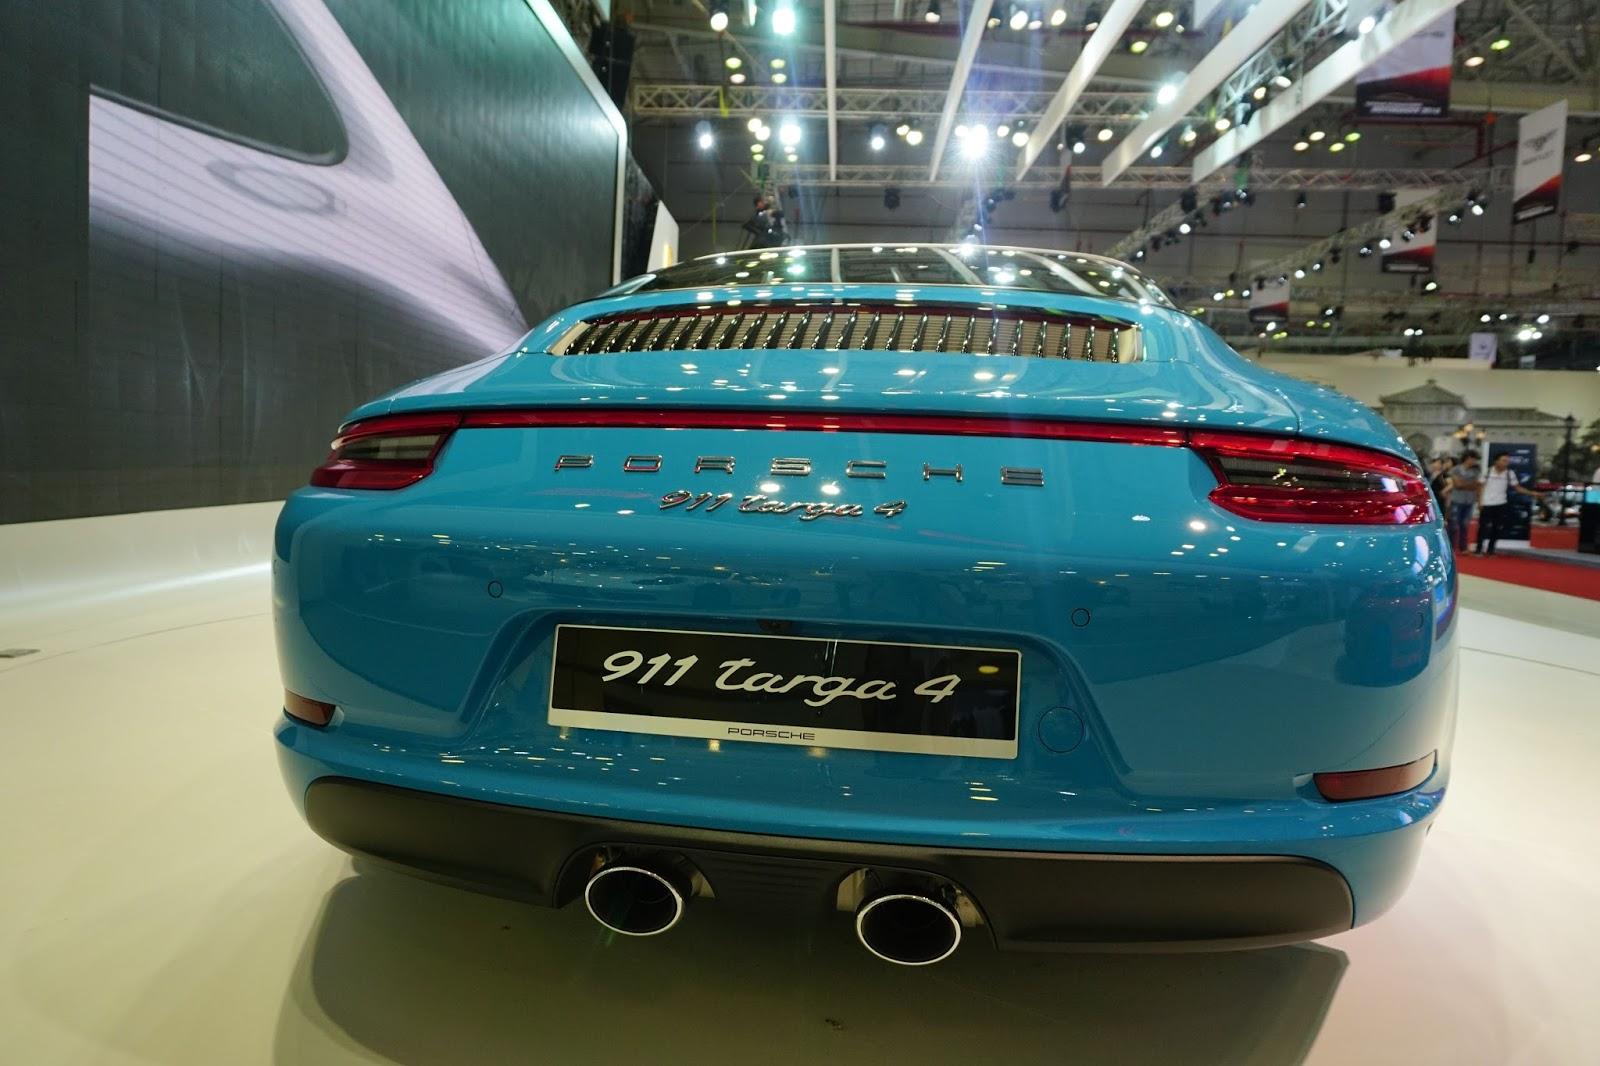 Đuôi xe của Targa 4 không có nhiều nét khác biệt với Carrera